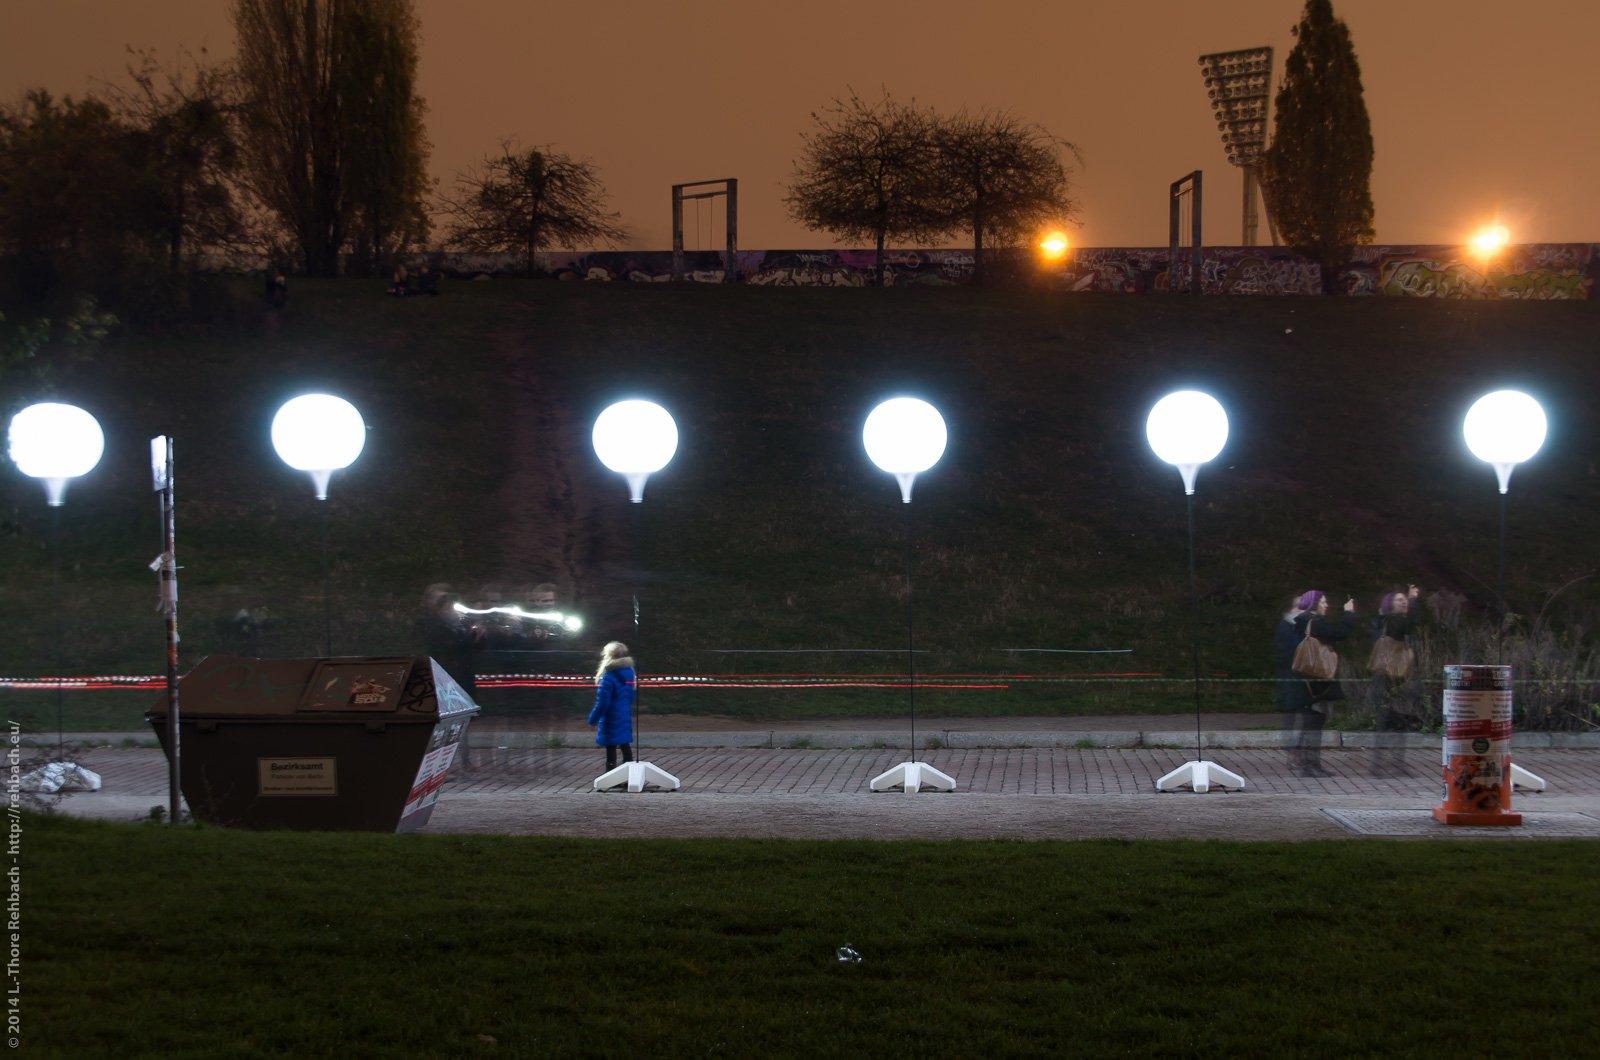 Lichtgrenze am Mauerpark bei Nacht